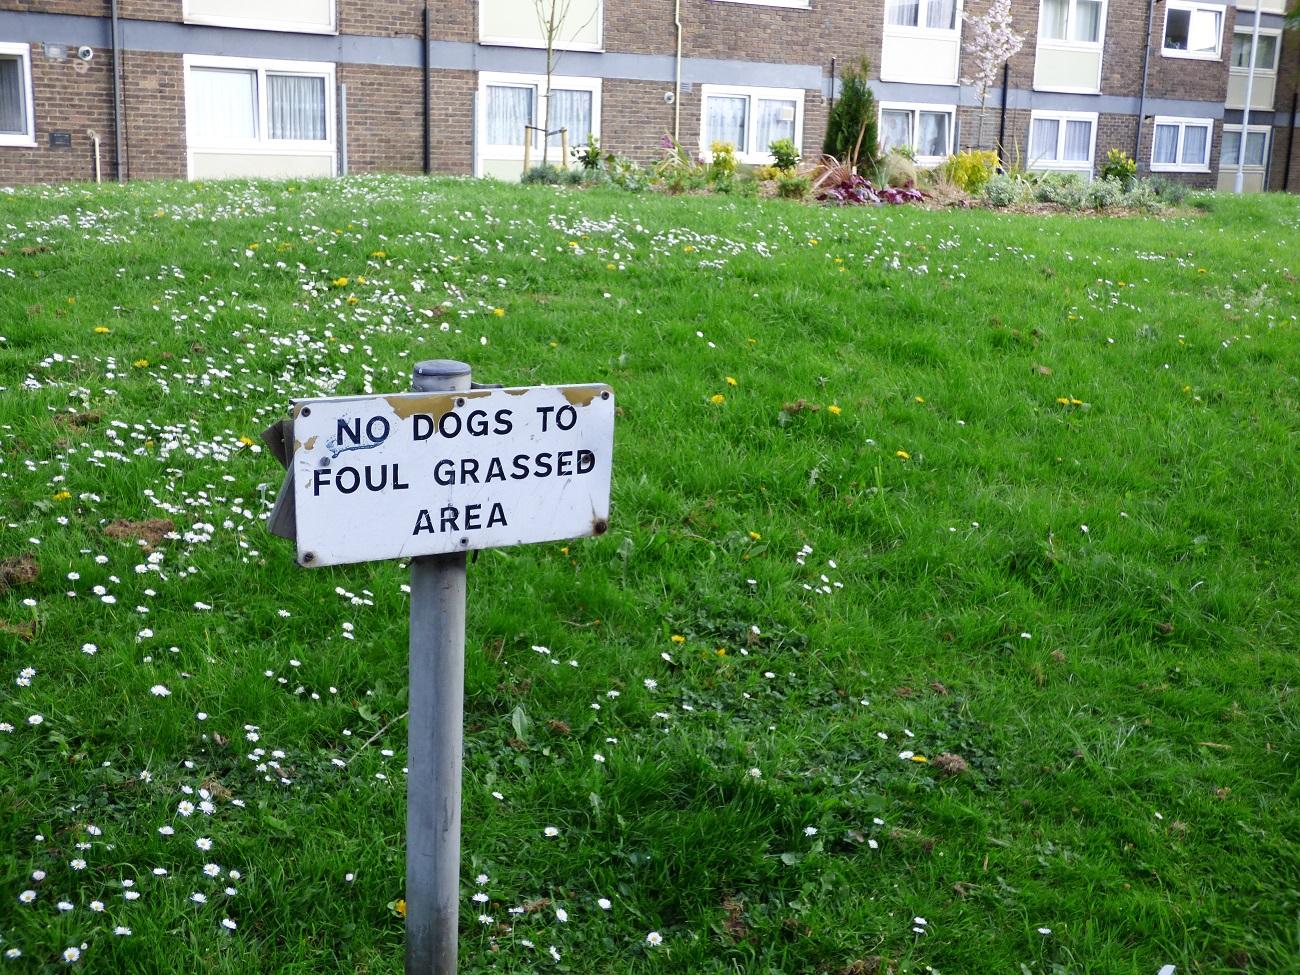 20170403_Newham_Rawstone-Walk_No-Dog-Foul